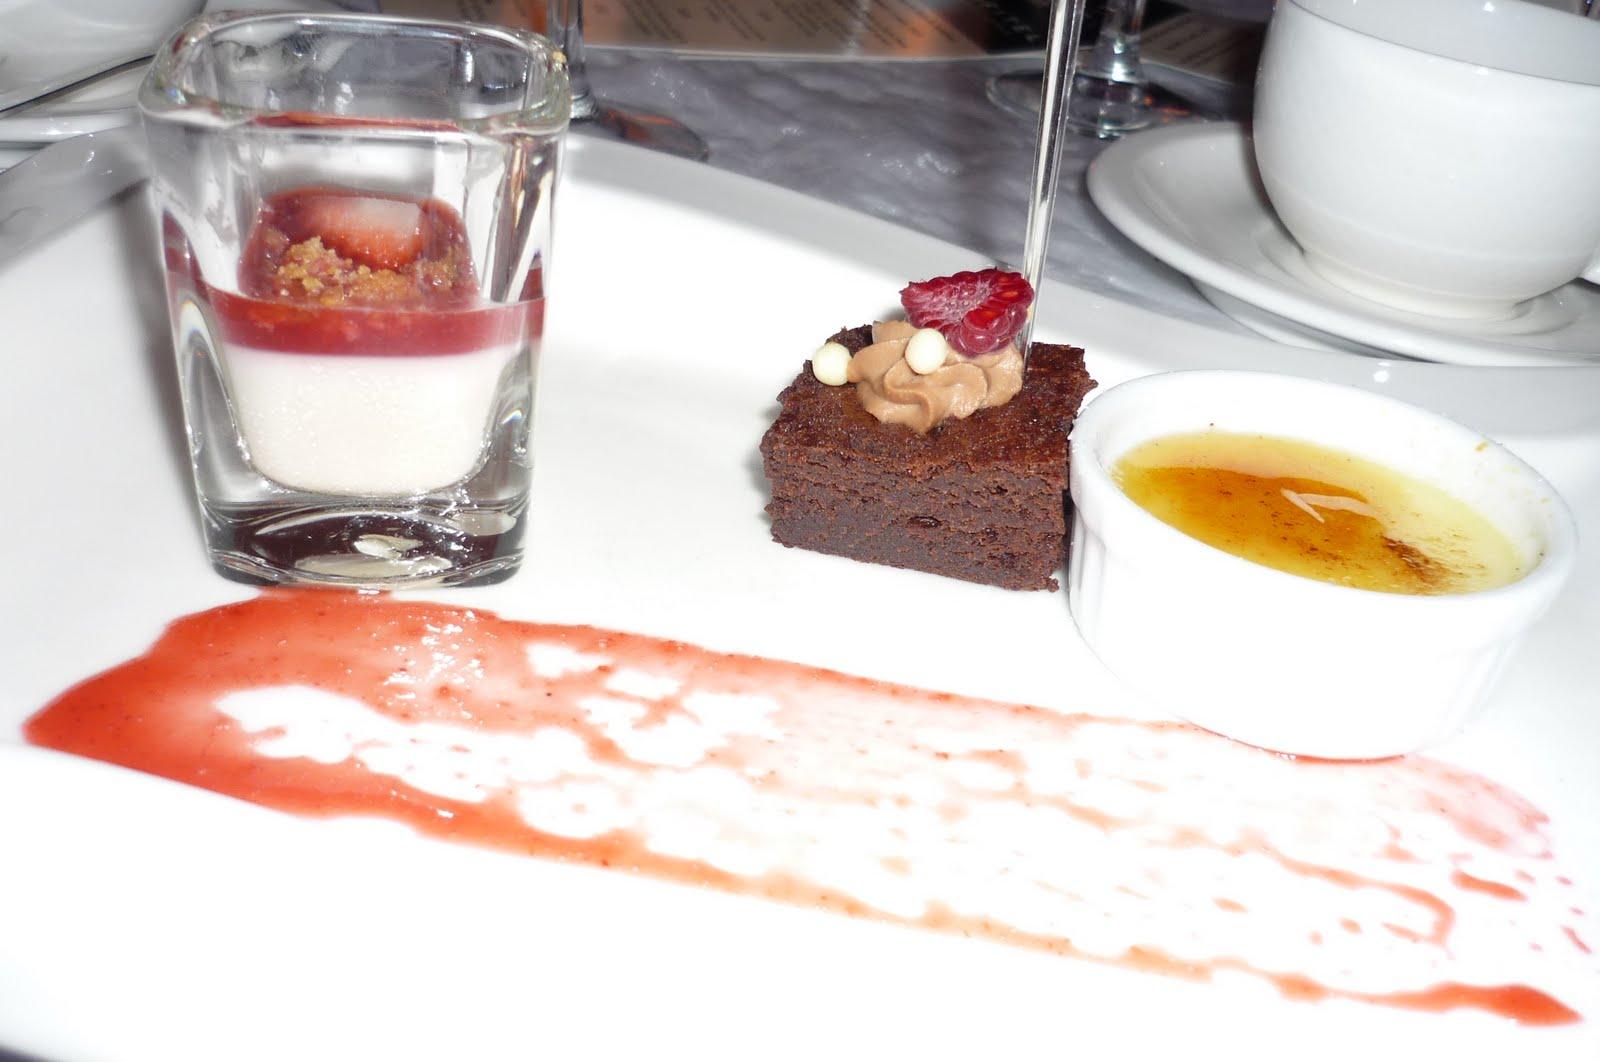 Comment Reussir Sa Creme Au Beurre Pour Rose Cake